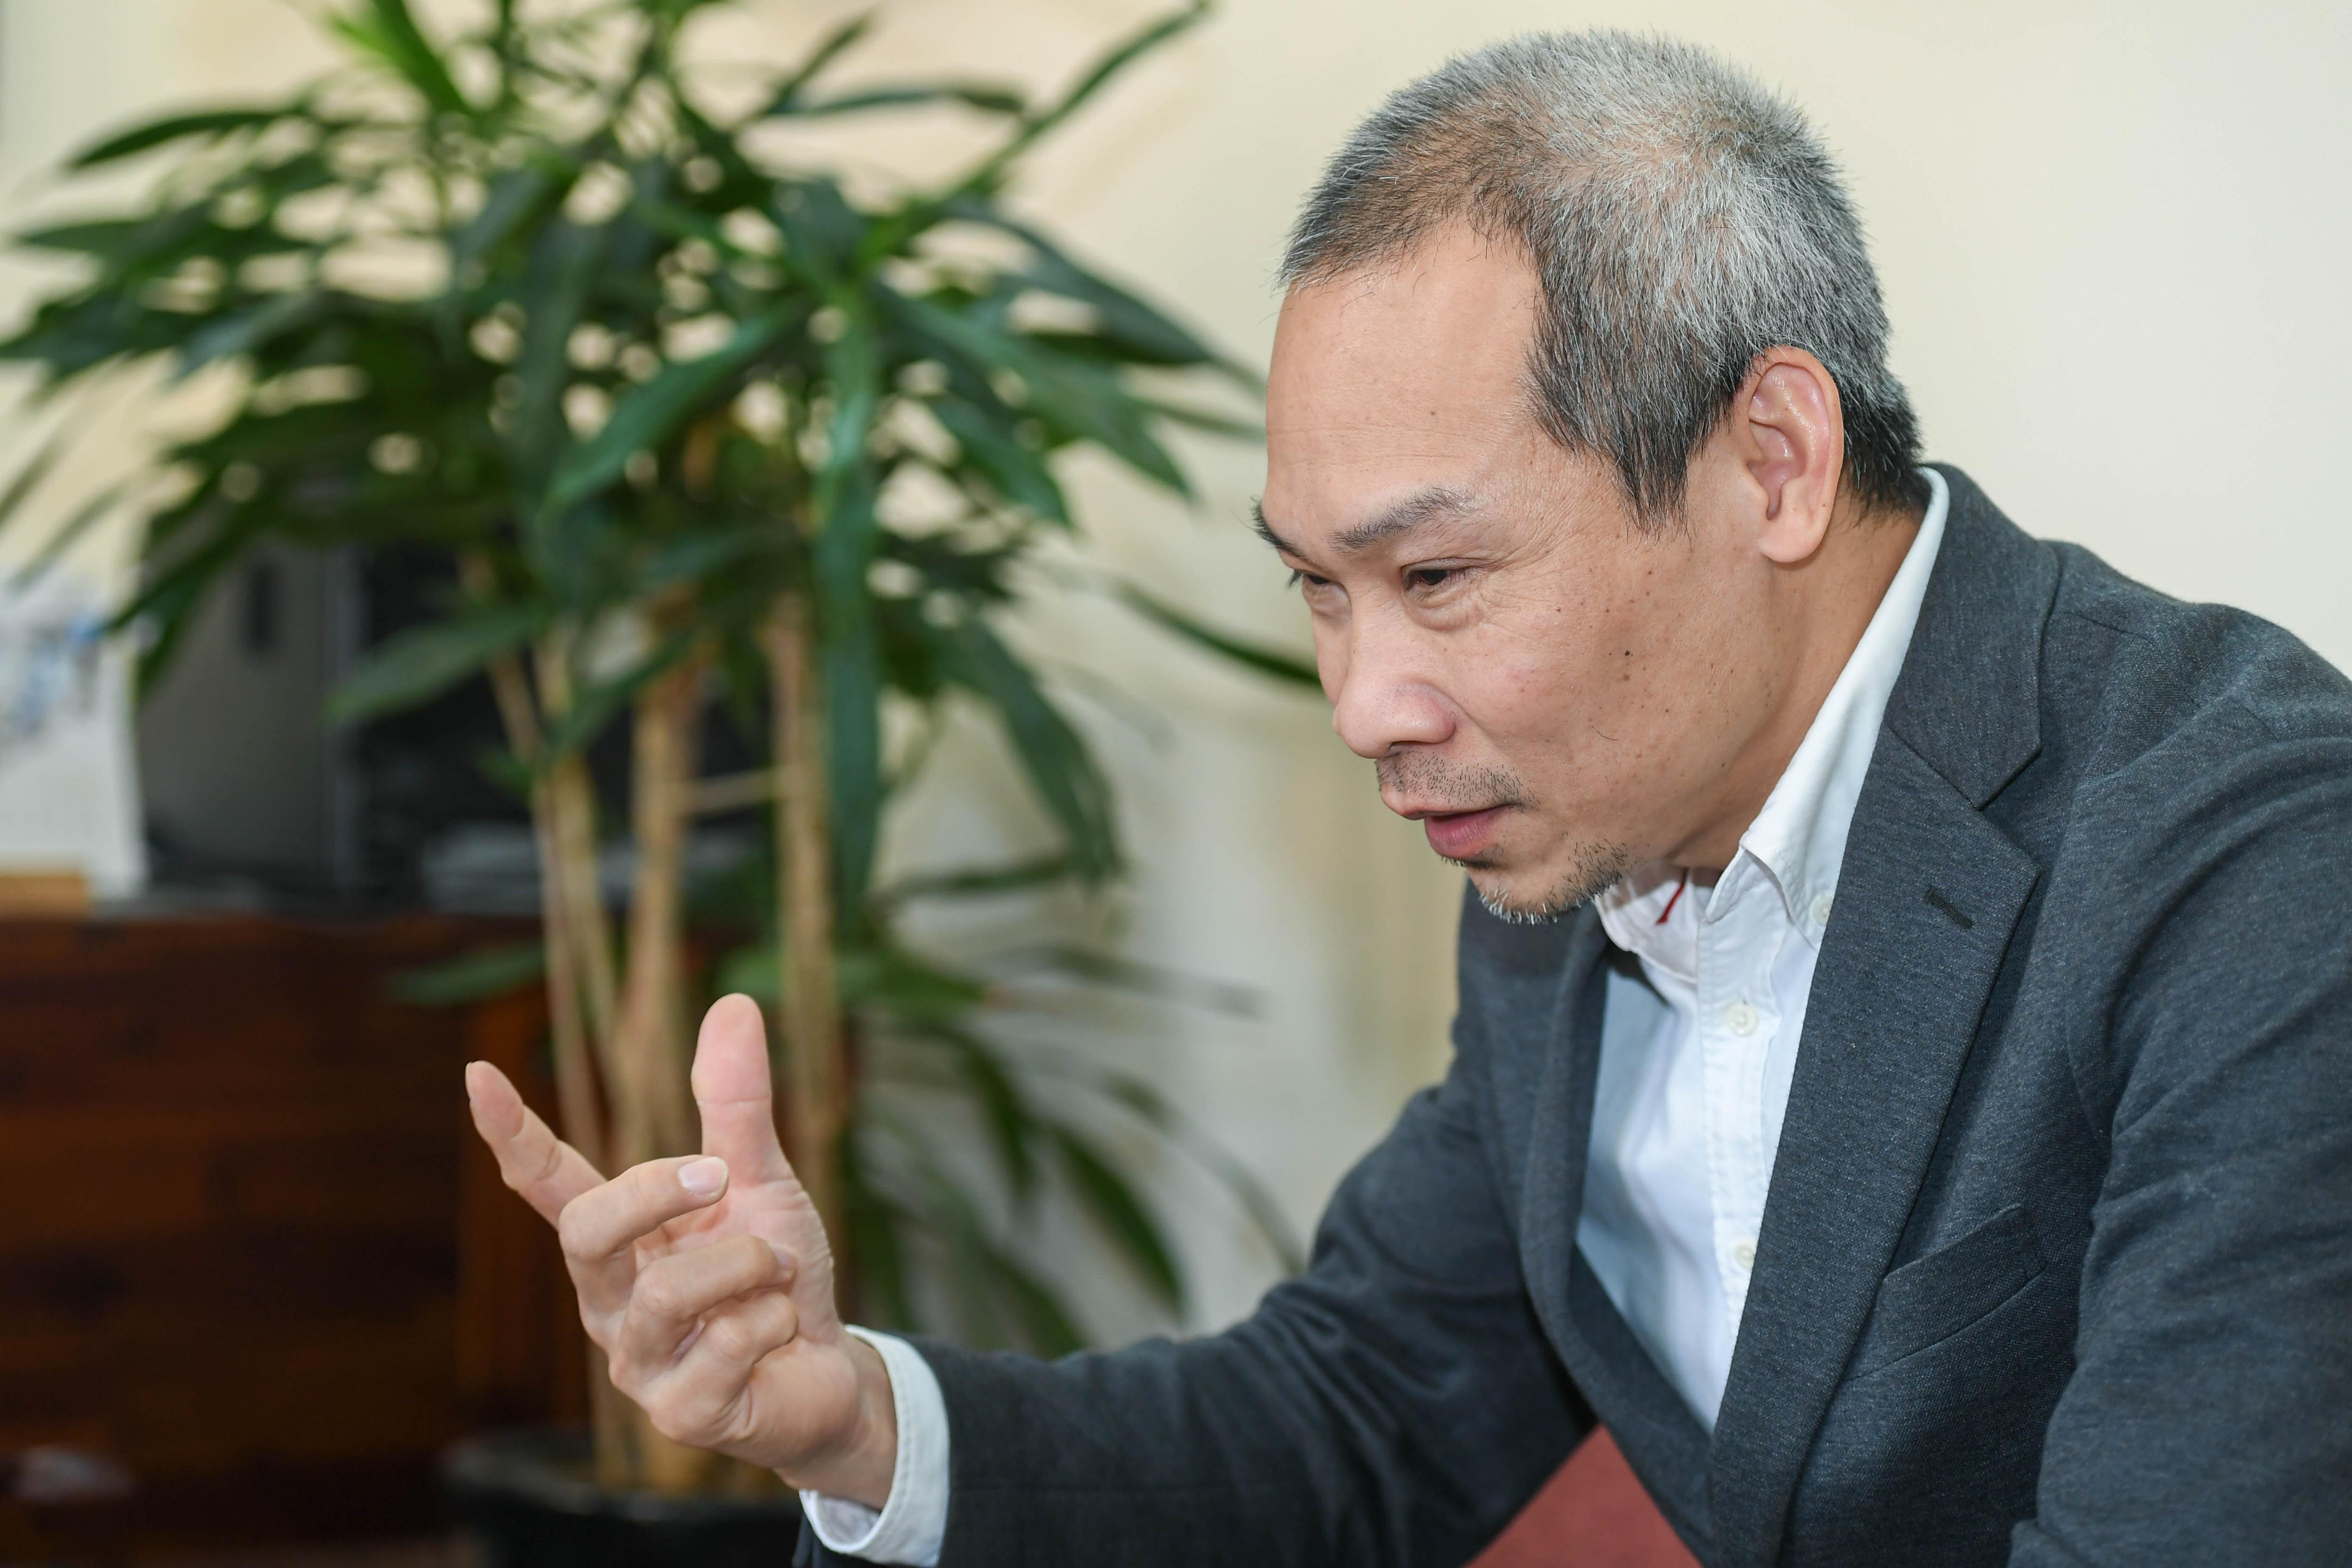 Ông Phan Đức Hiếu: Cơ hội kinh doanh không phải do giấy phép mà ra - 3